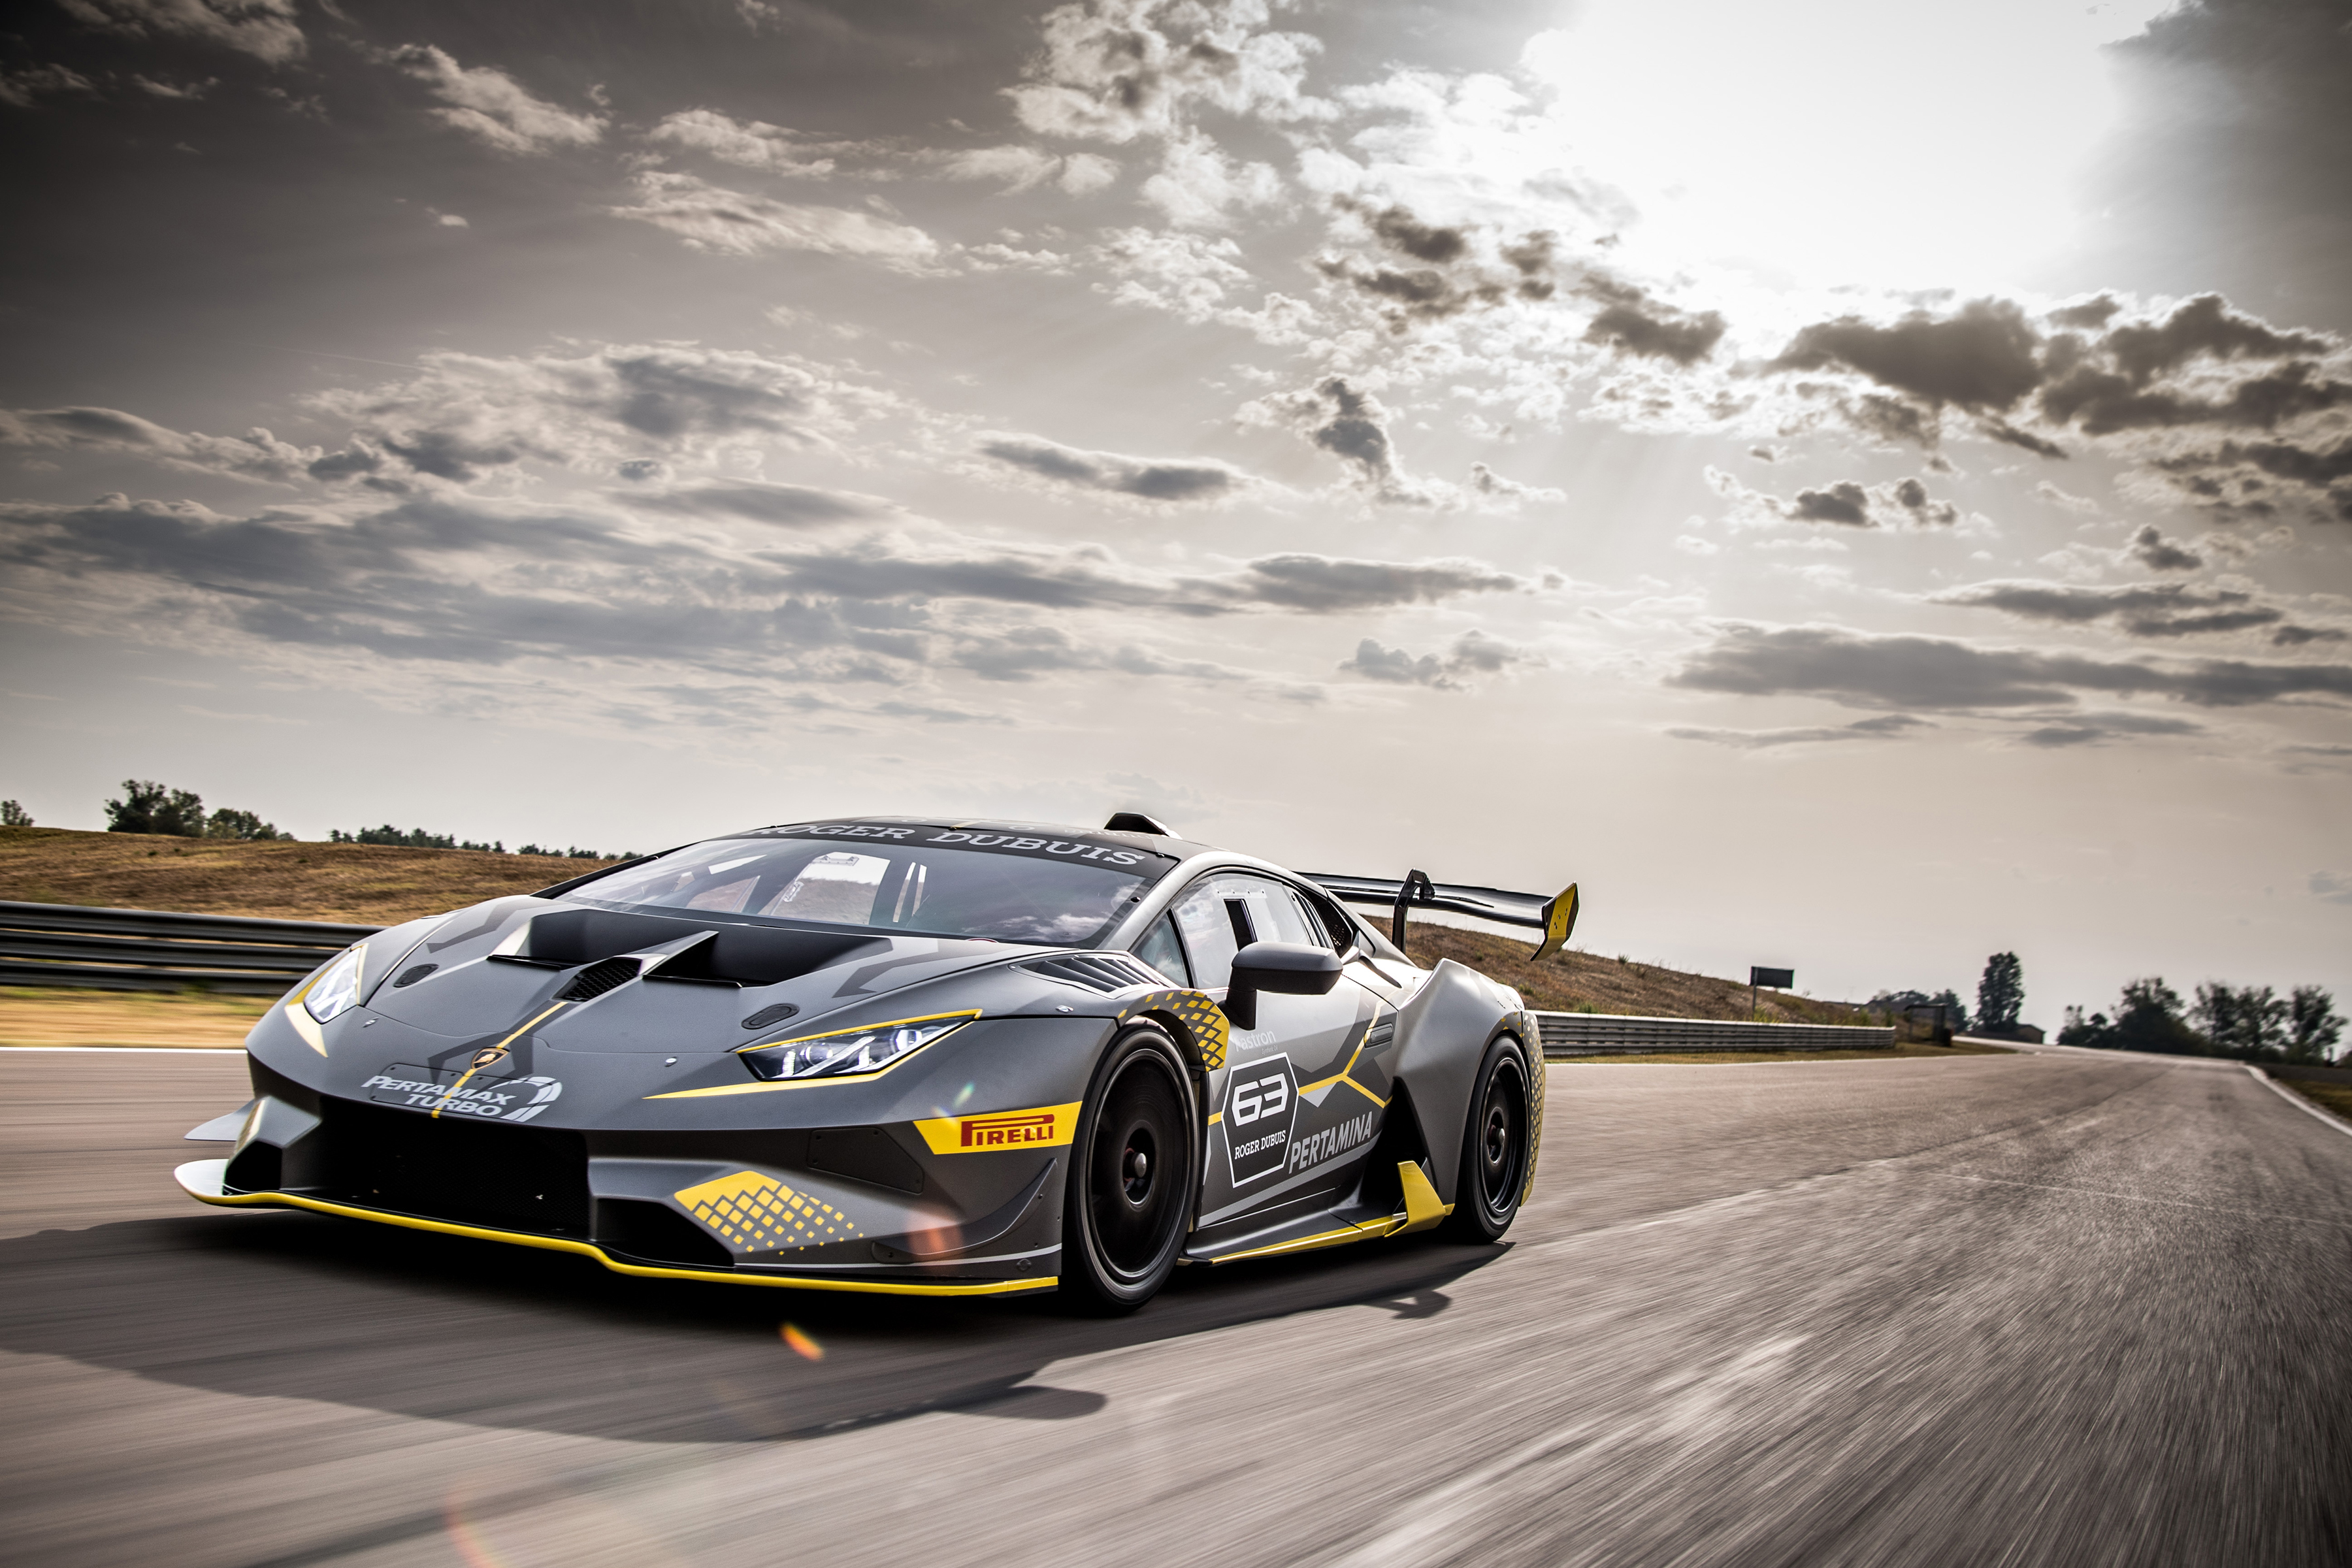 Обои для рабочего стола Стайлинг Ламборгини 2018 Huracán Super Trofeo EVO Серый скорость Автомобили 3600x2400 Lamborghini Тюнинг серые серая едет едущий едущая Движение авто машина машины автомобиль